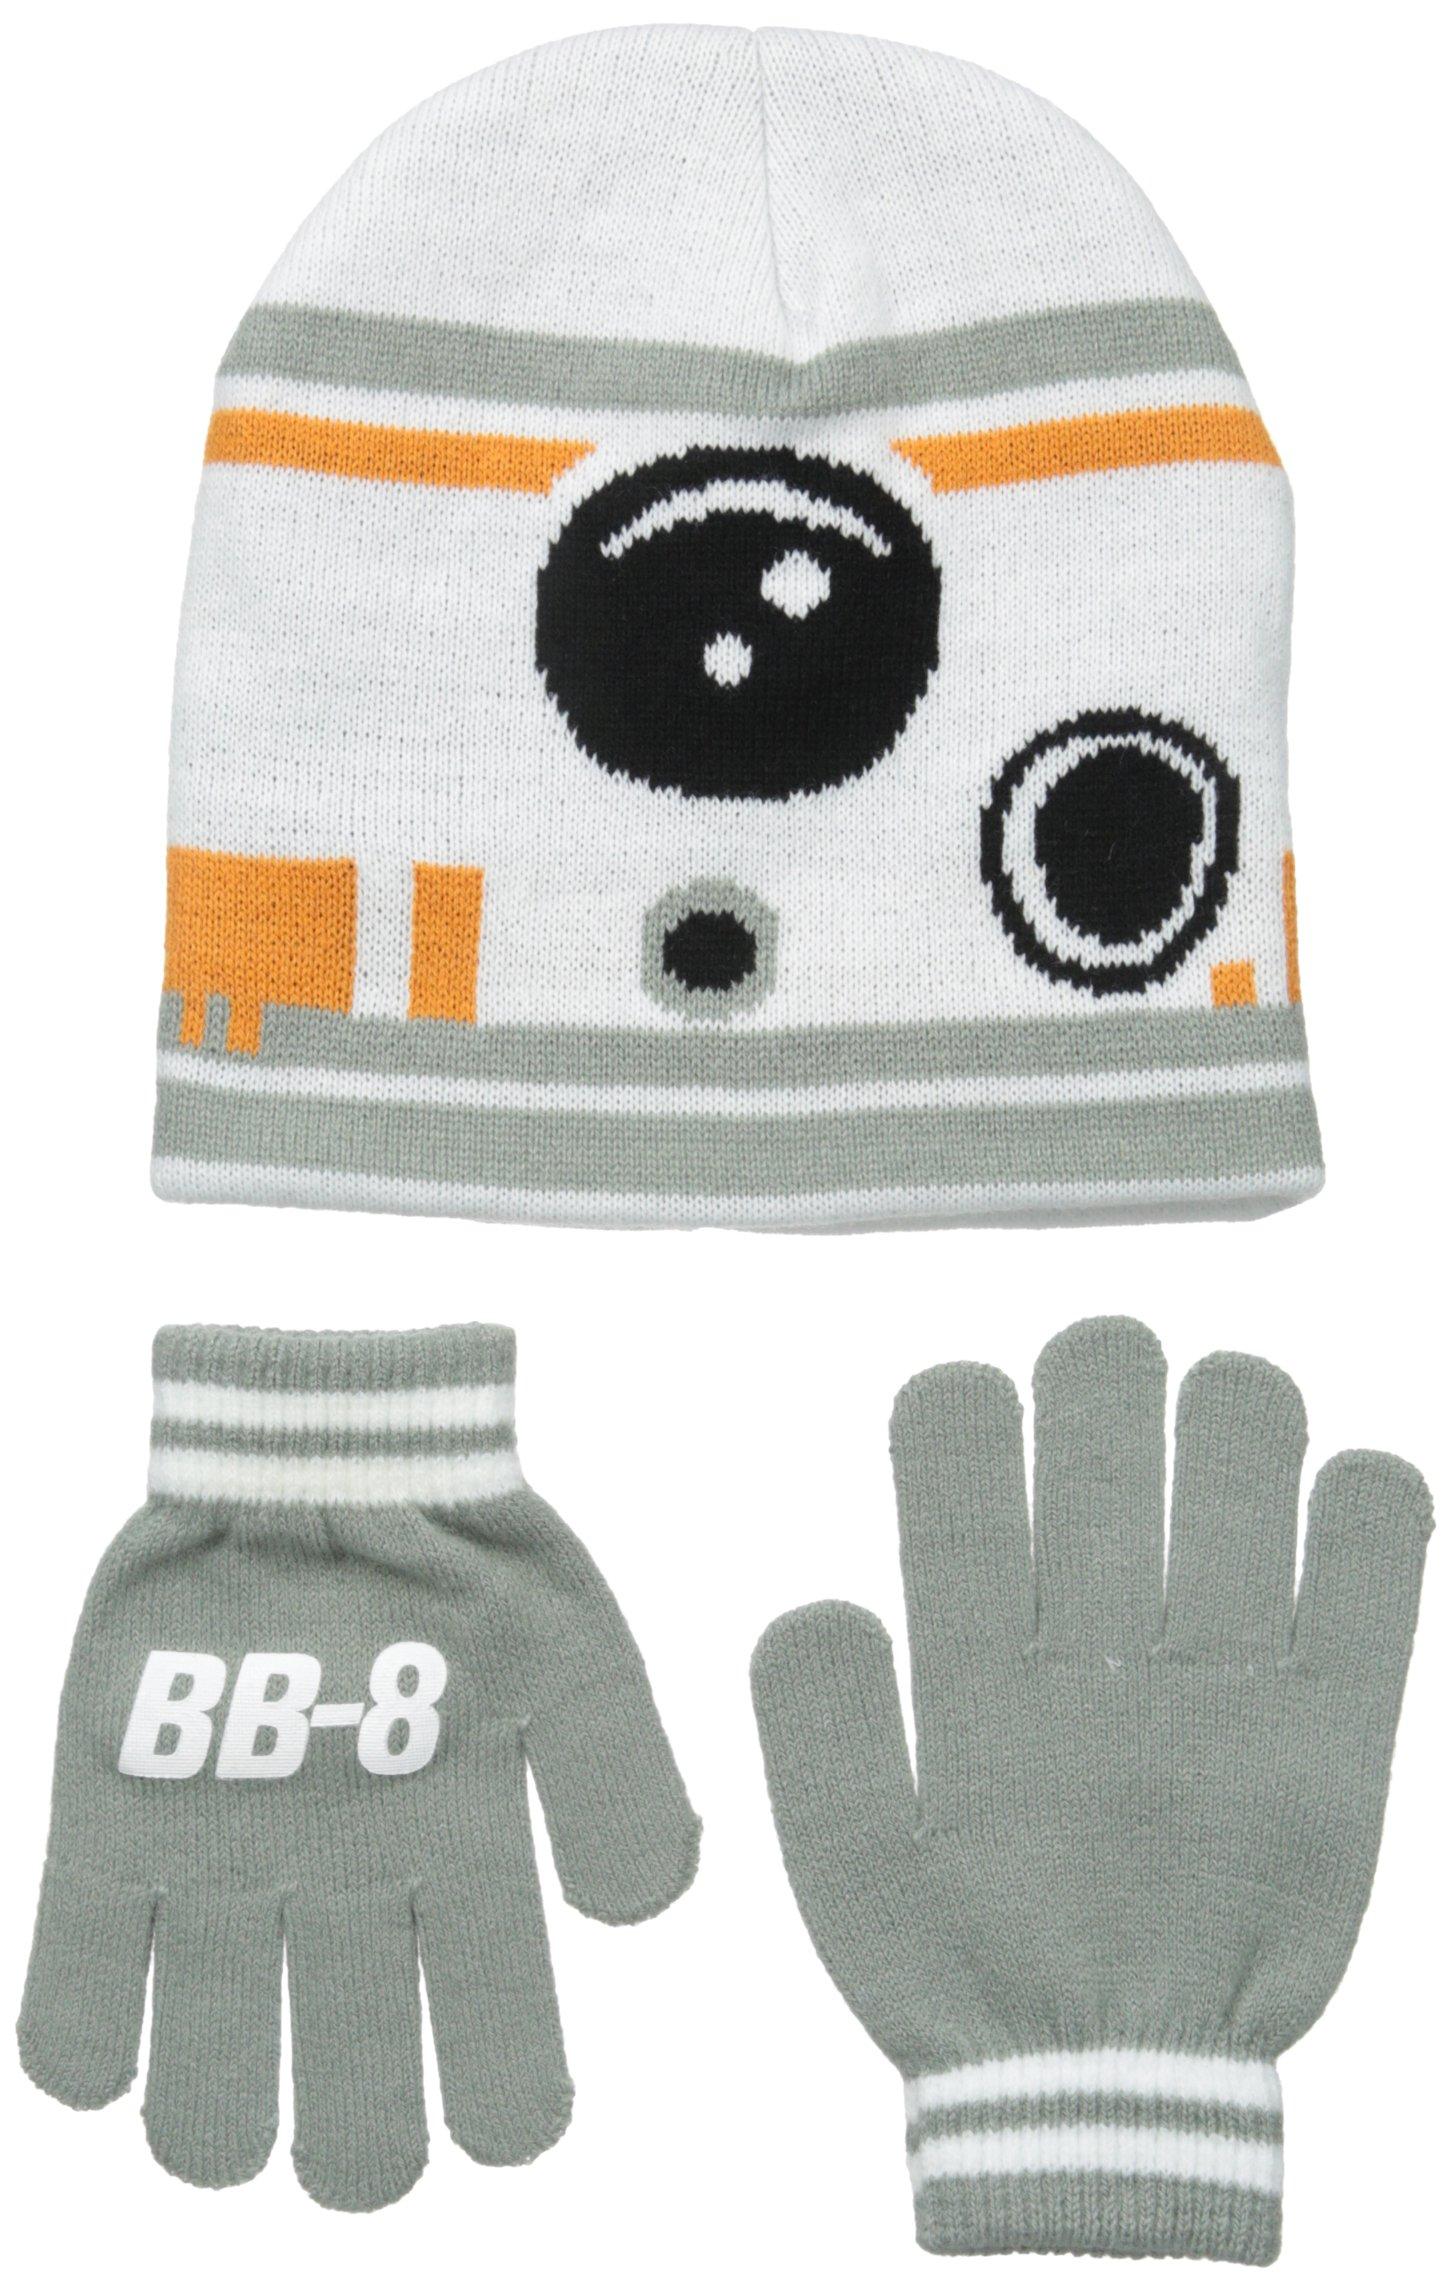 Star Wars  BB-8 Winter Beanie & Glove Set